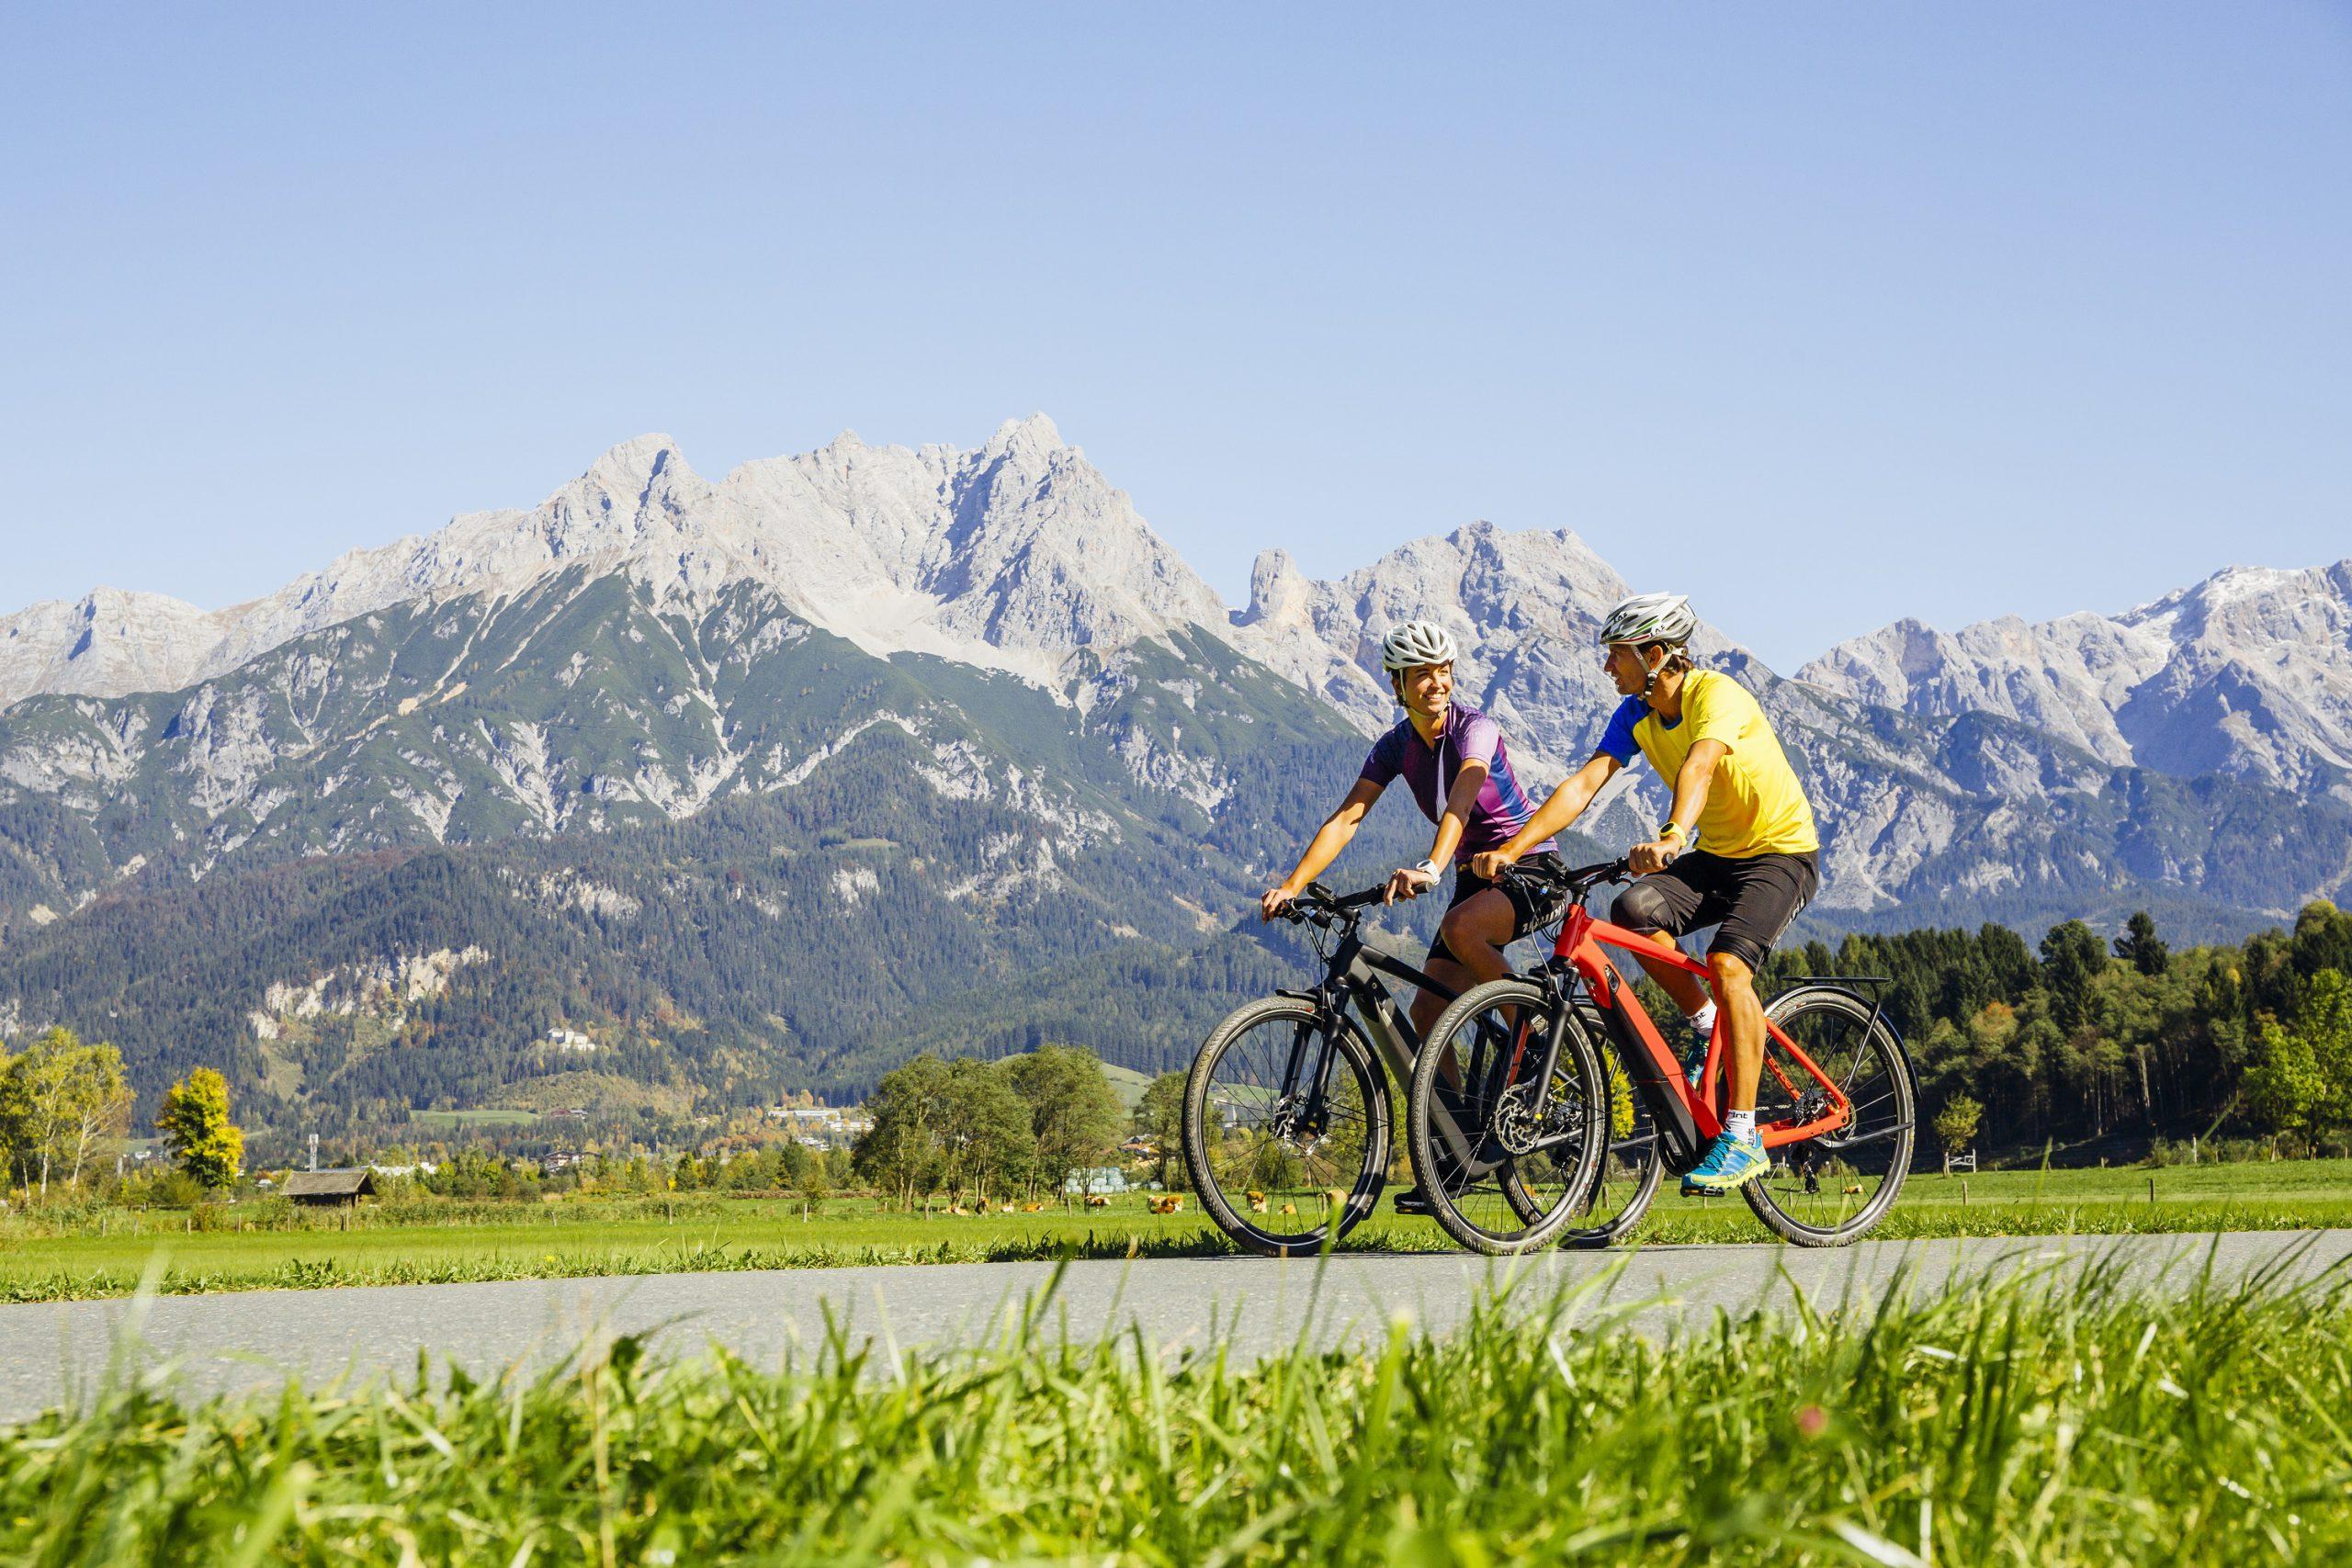 Radfahren begleitet vom Panorama der Dolomiten - eine unvergessliche Radtour am Tauernradweg